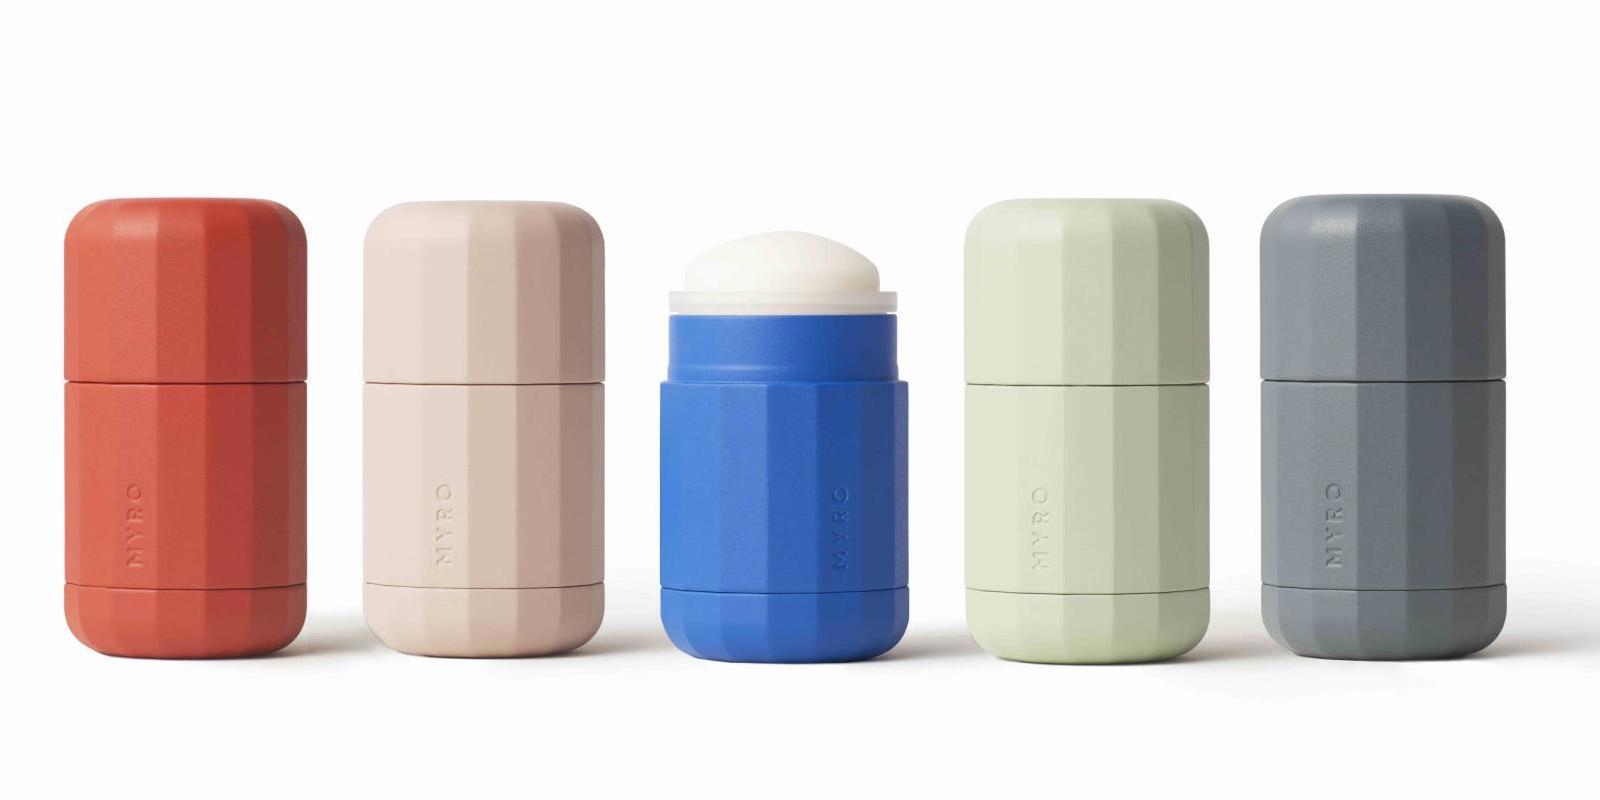 Ekologický přírodní deodorant Myro nabízí recyklovatelné náplně